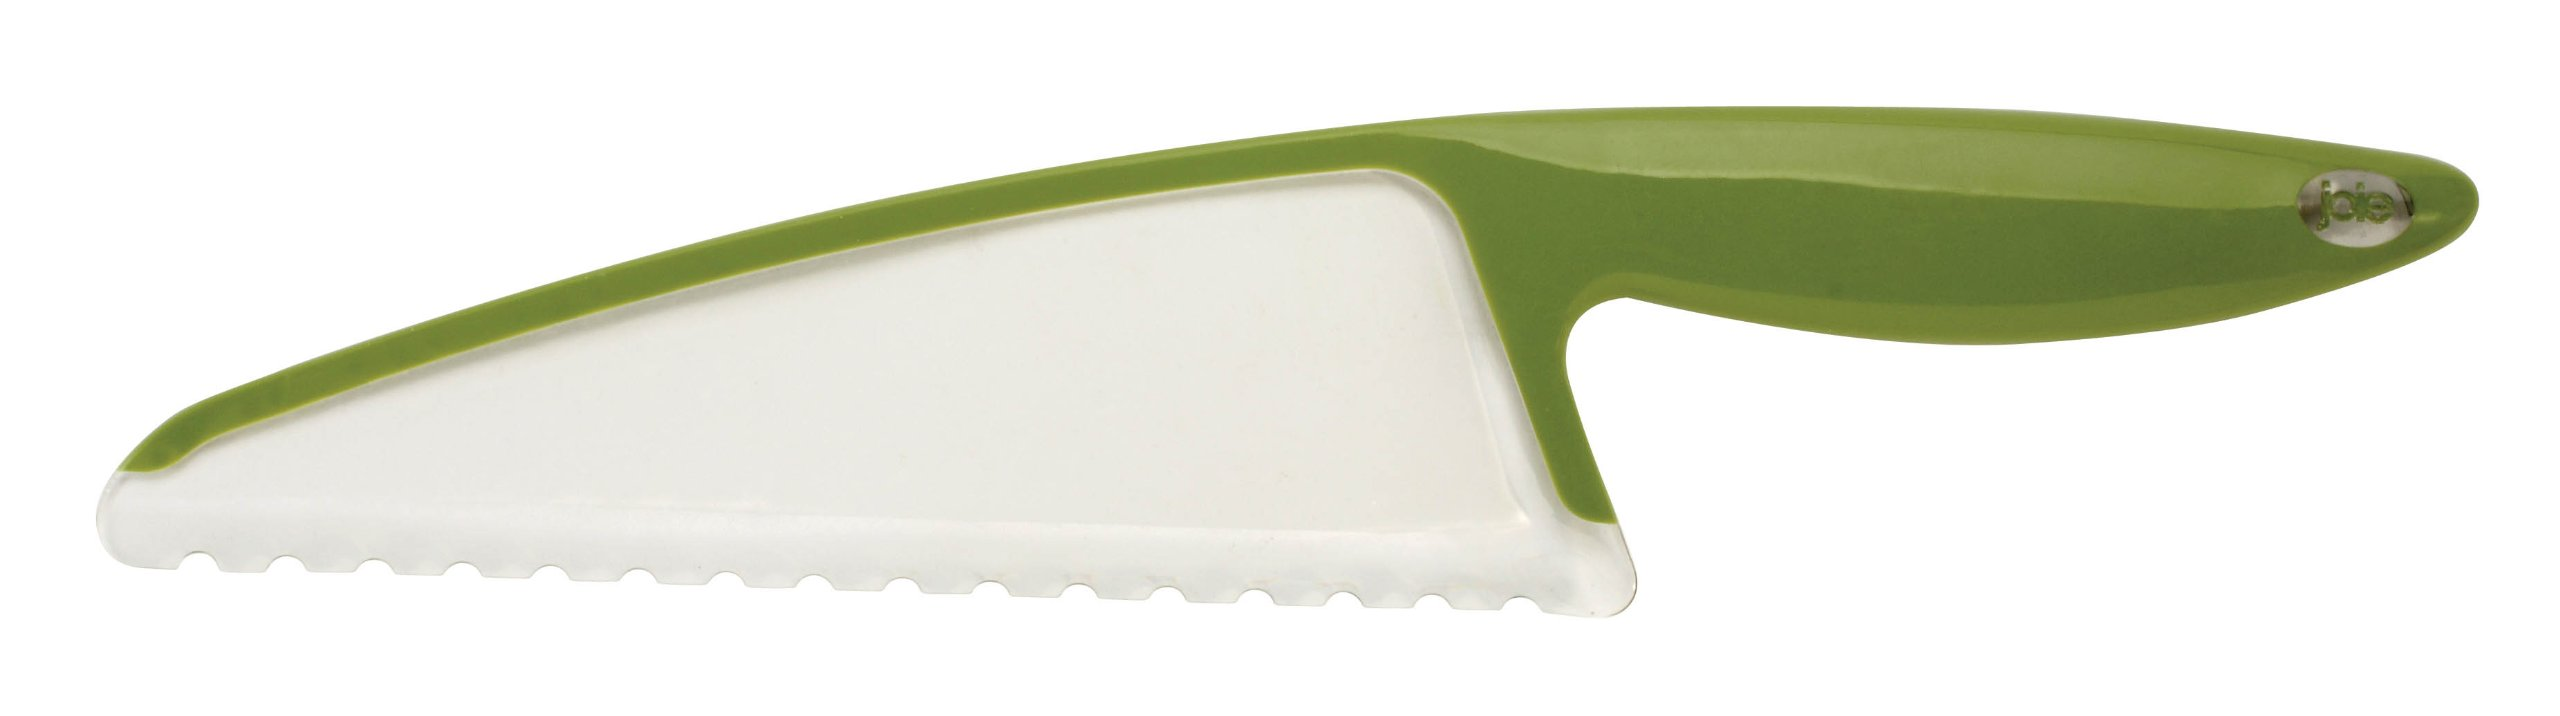 MSC Joie Serrated Lettuce Knife, Kiwi/White 1 Ergonomic lettuce knife No more brown edges; knife will not oxidize lettuce Sharp, effortless lettuce slicing action